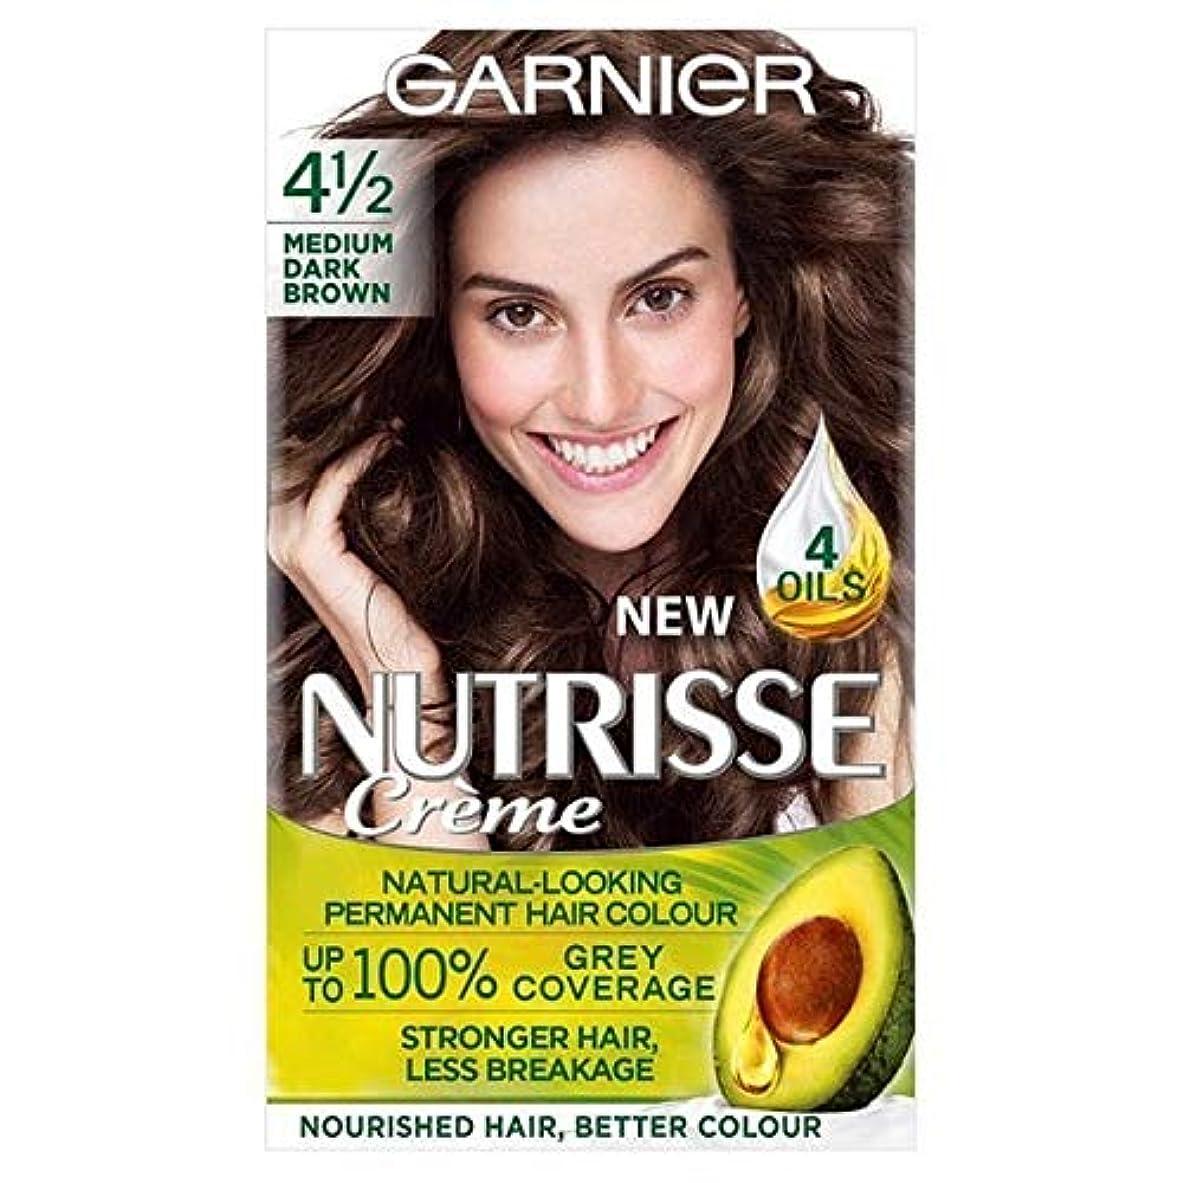 遠え興味言う[Garnier ] ガルニエNutrisseパーマネント染毛剤中ダークブラウン4 1/2 - Garnier Nutrisse Permanent Hair Dye Medium Dark Brown 4 1/2 [並行輸入品]